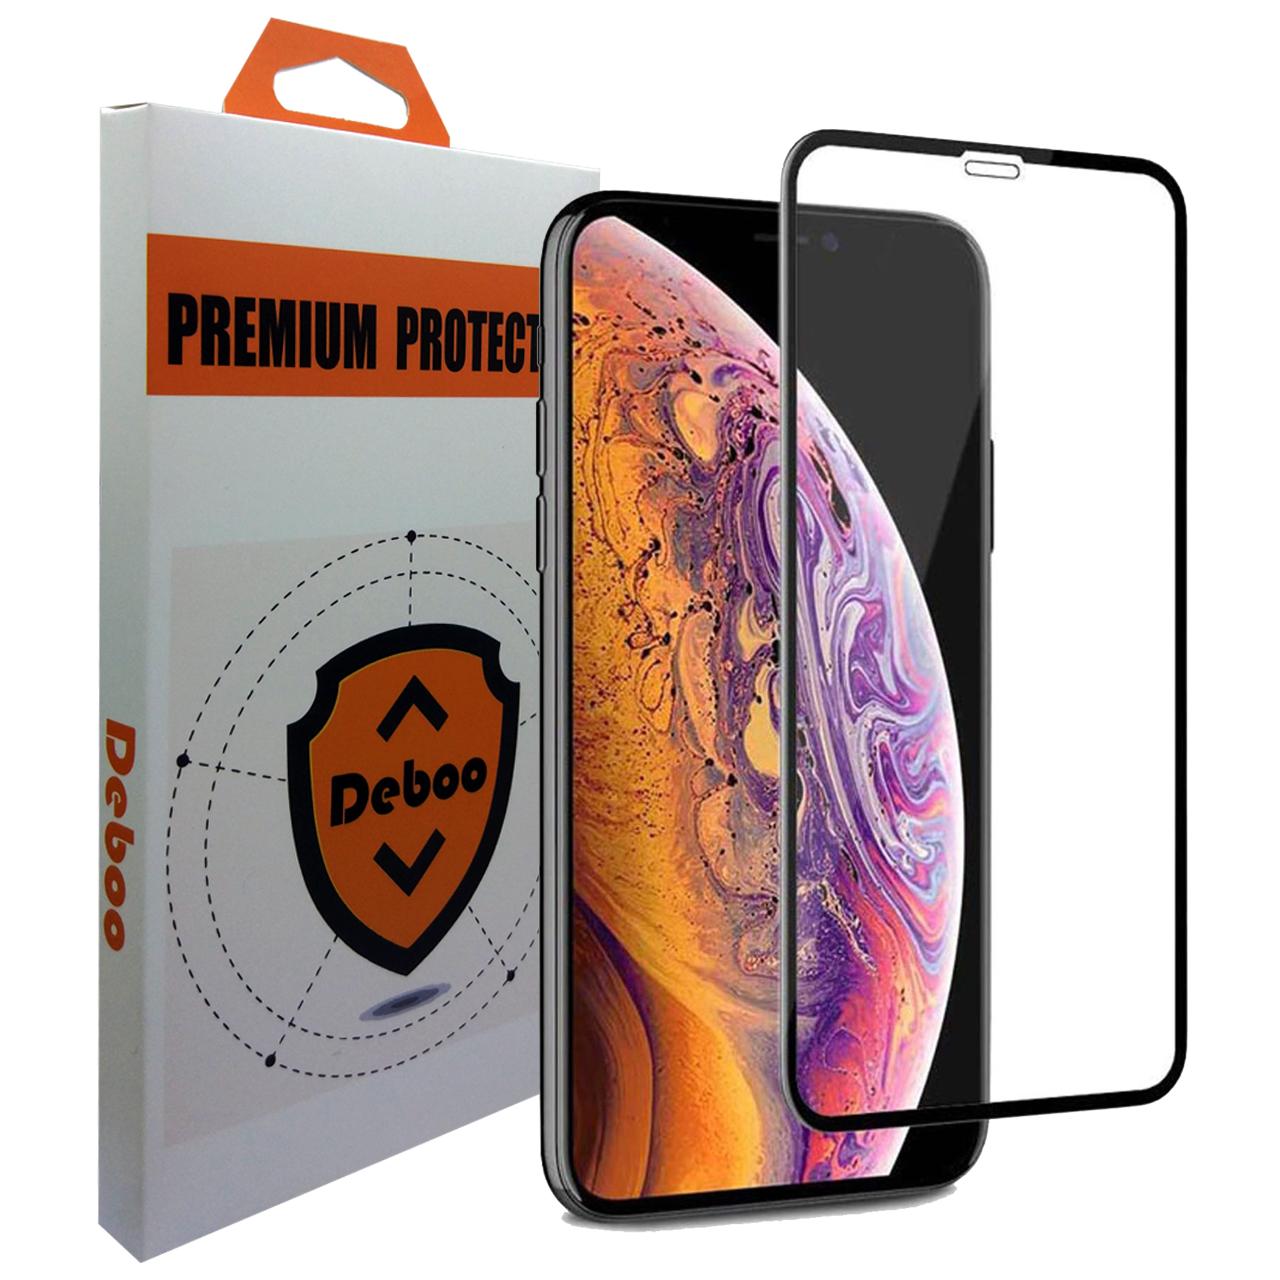 محافظ صفحه نمایش 9D دبو مدل AIM9 مناسب برای گوشی موبایل اپل iPhone XS Max